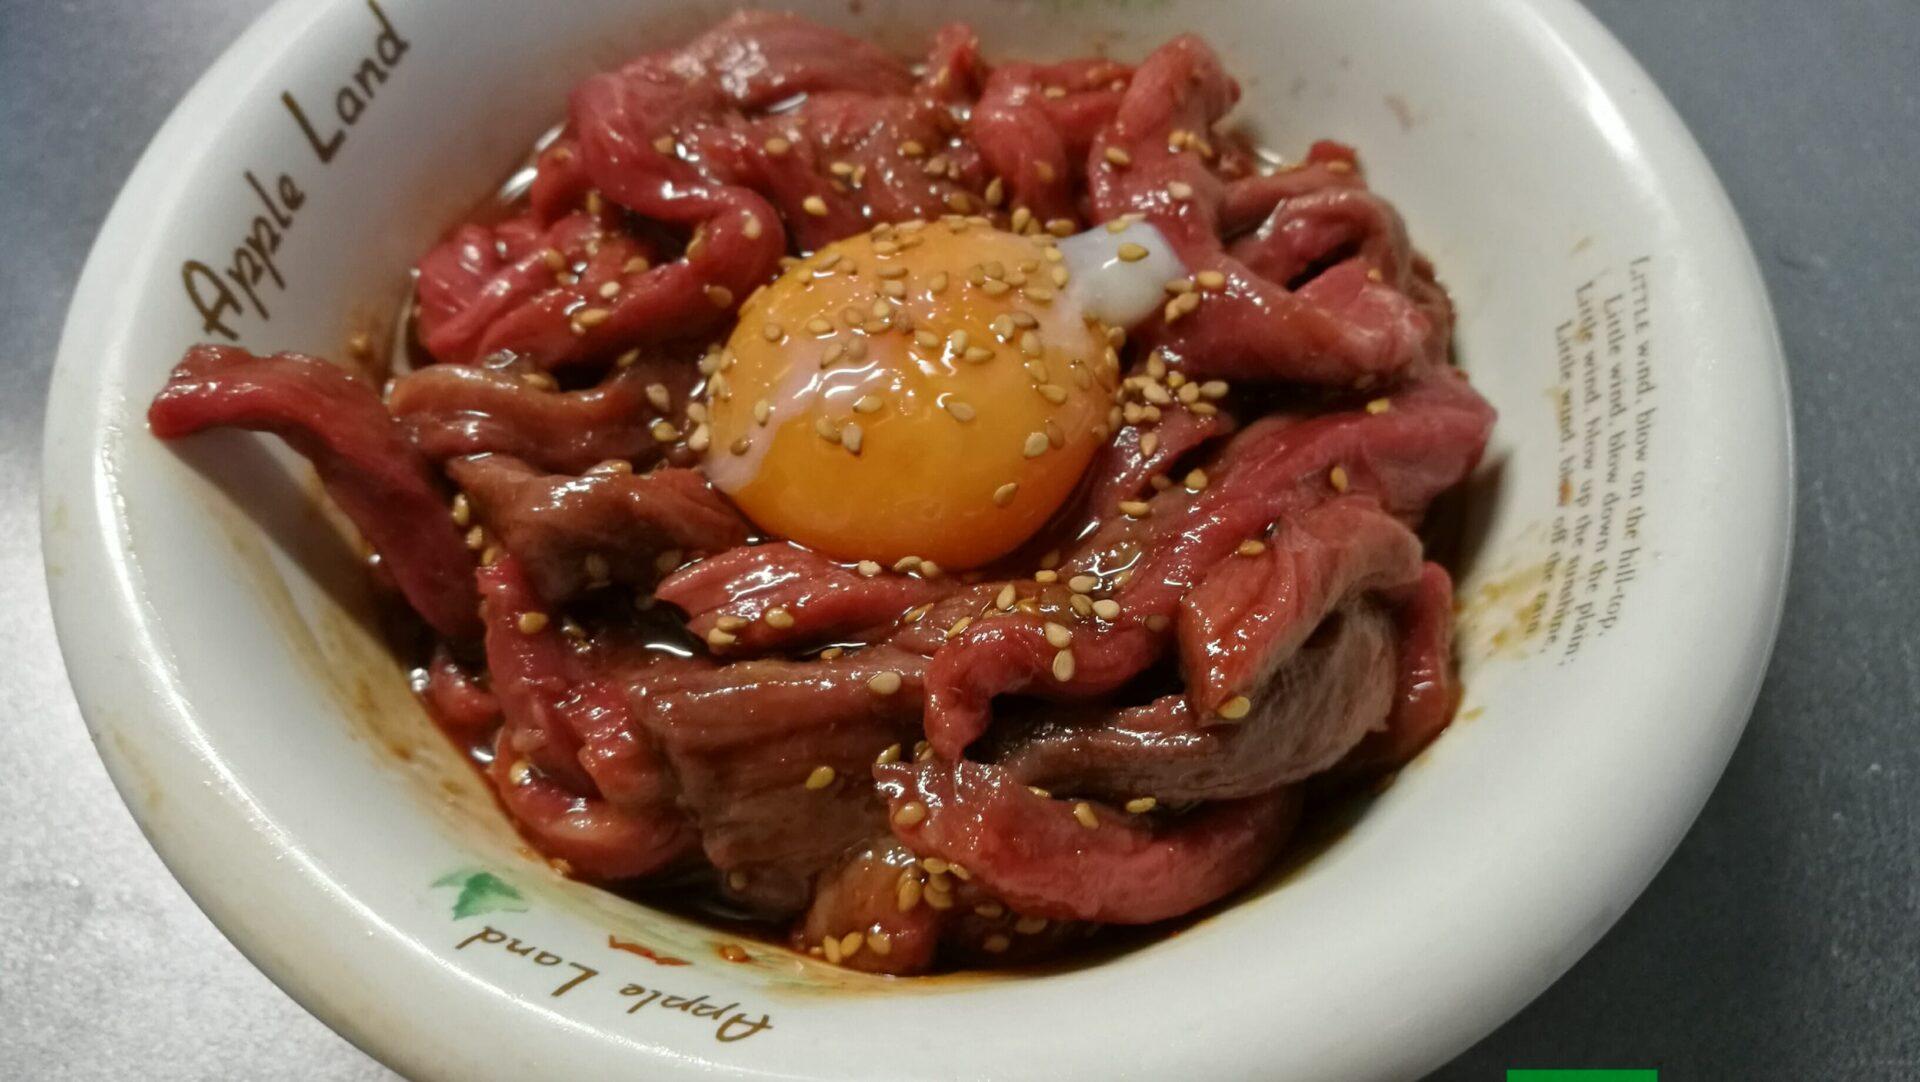 Anovaで低温調理で牛肉ユッケのレシピ